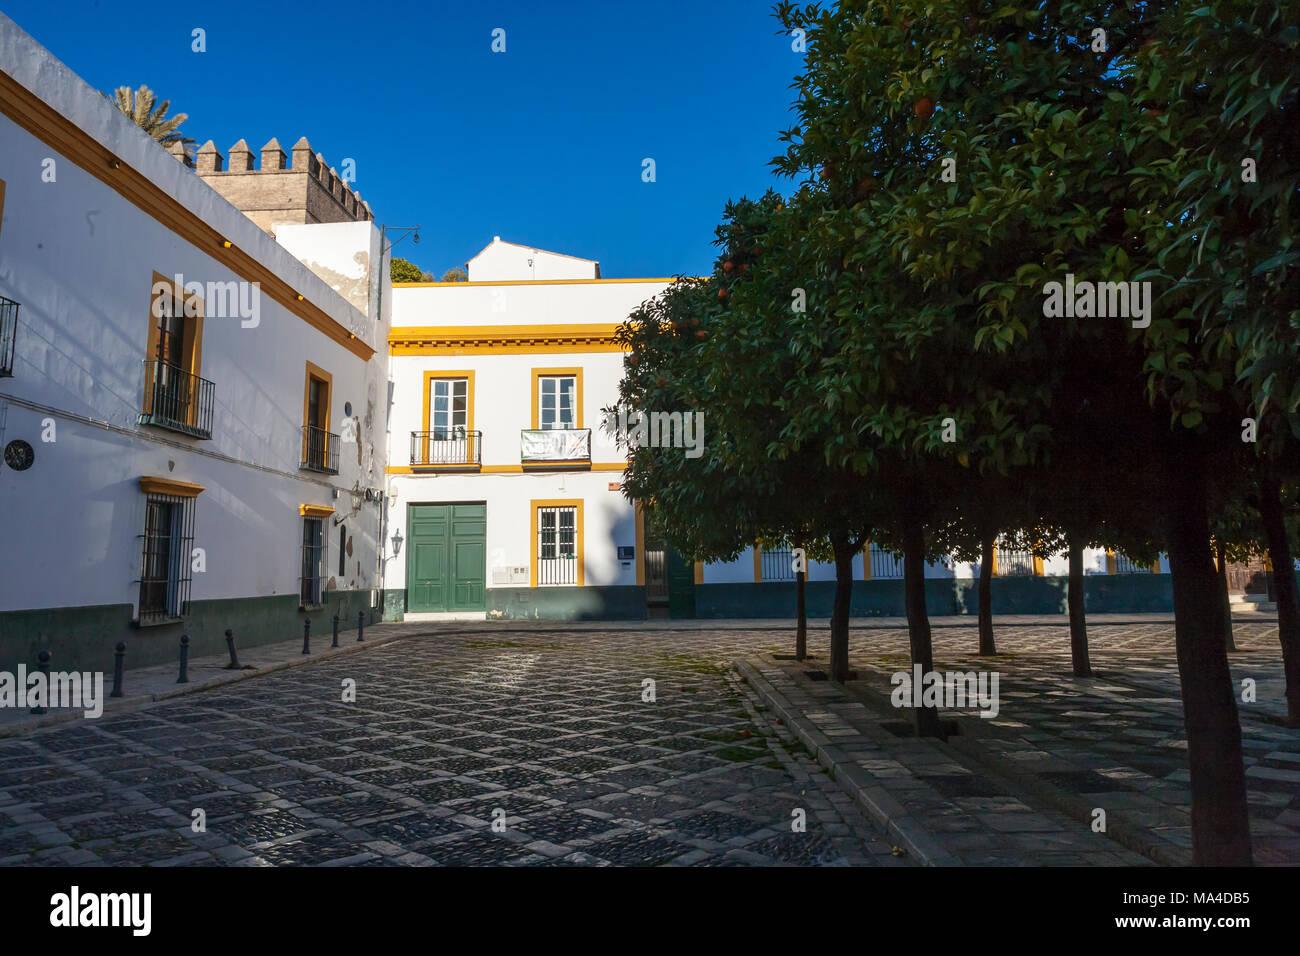 Plaza Patio de Banderas in the Santa Cruz district of Sevilla, Andalucía, Spain - Stock Image